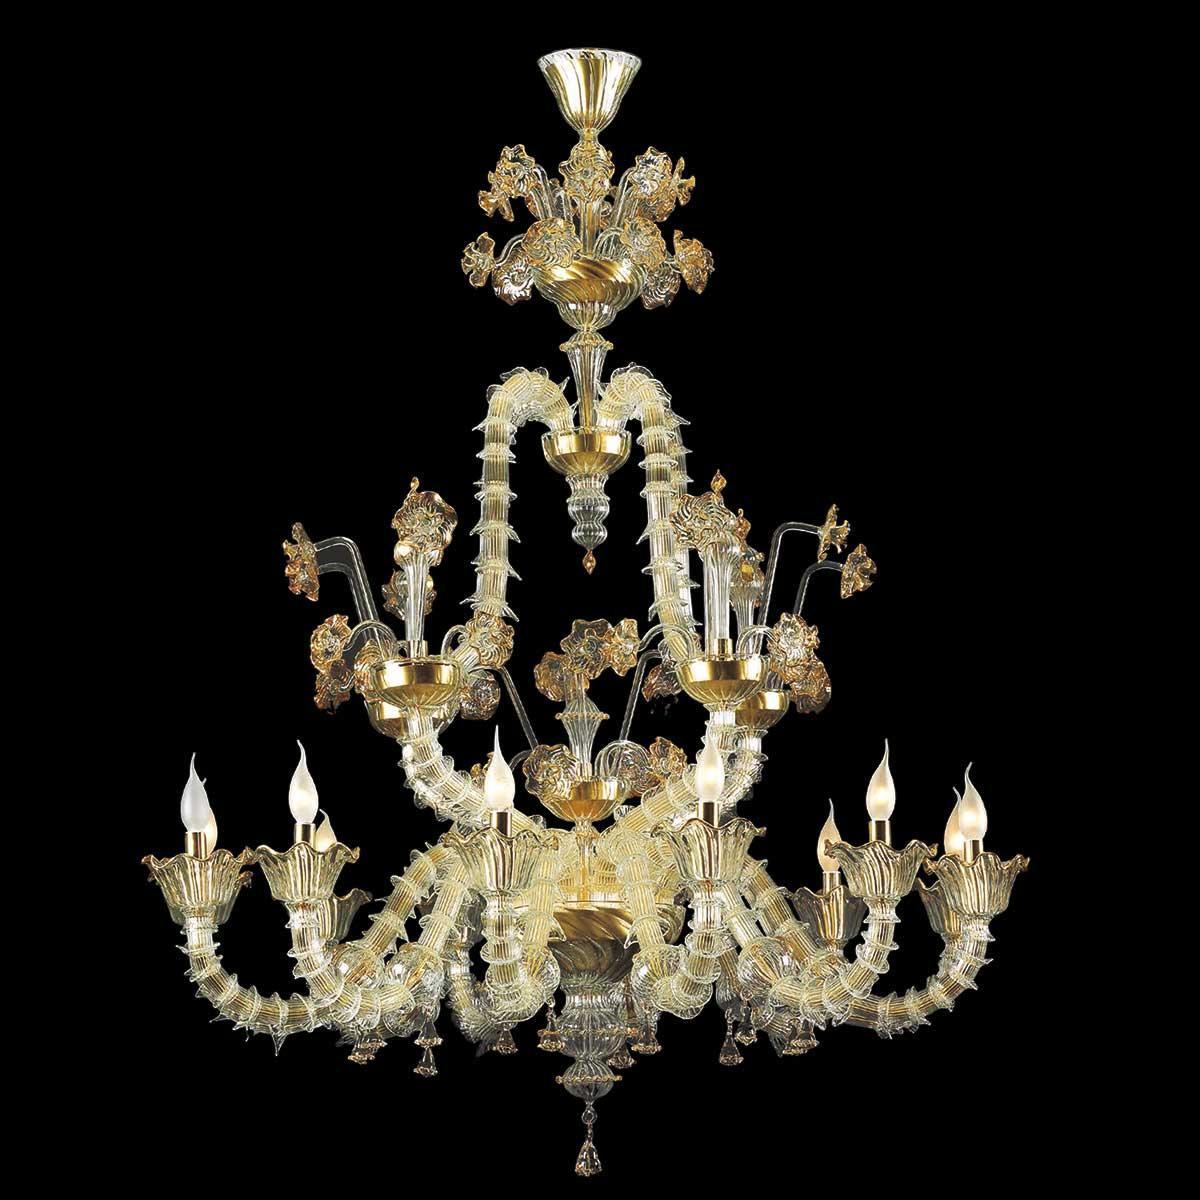 """""""Merovingio"""" lampara de araña de Murano - 12 luces - transparente y oro"""